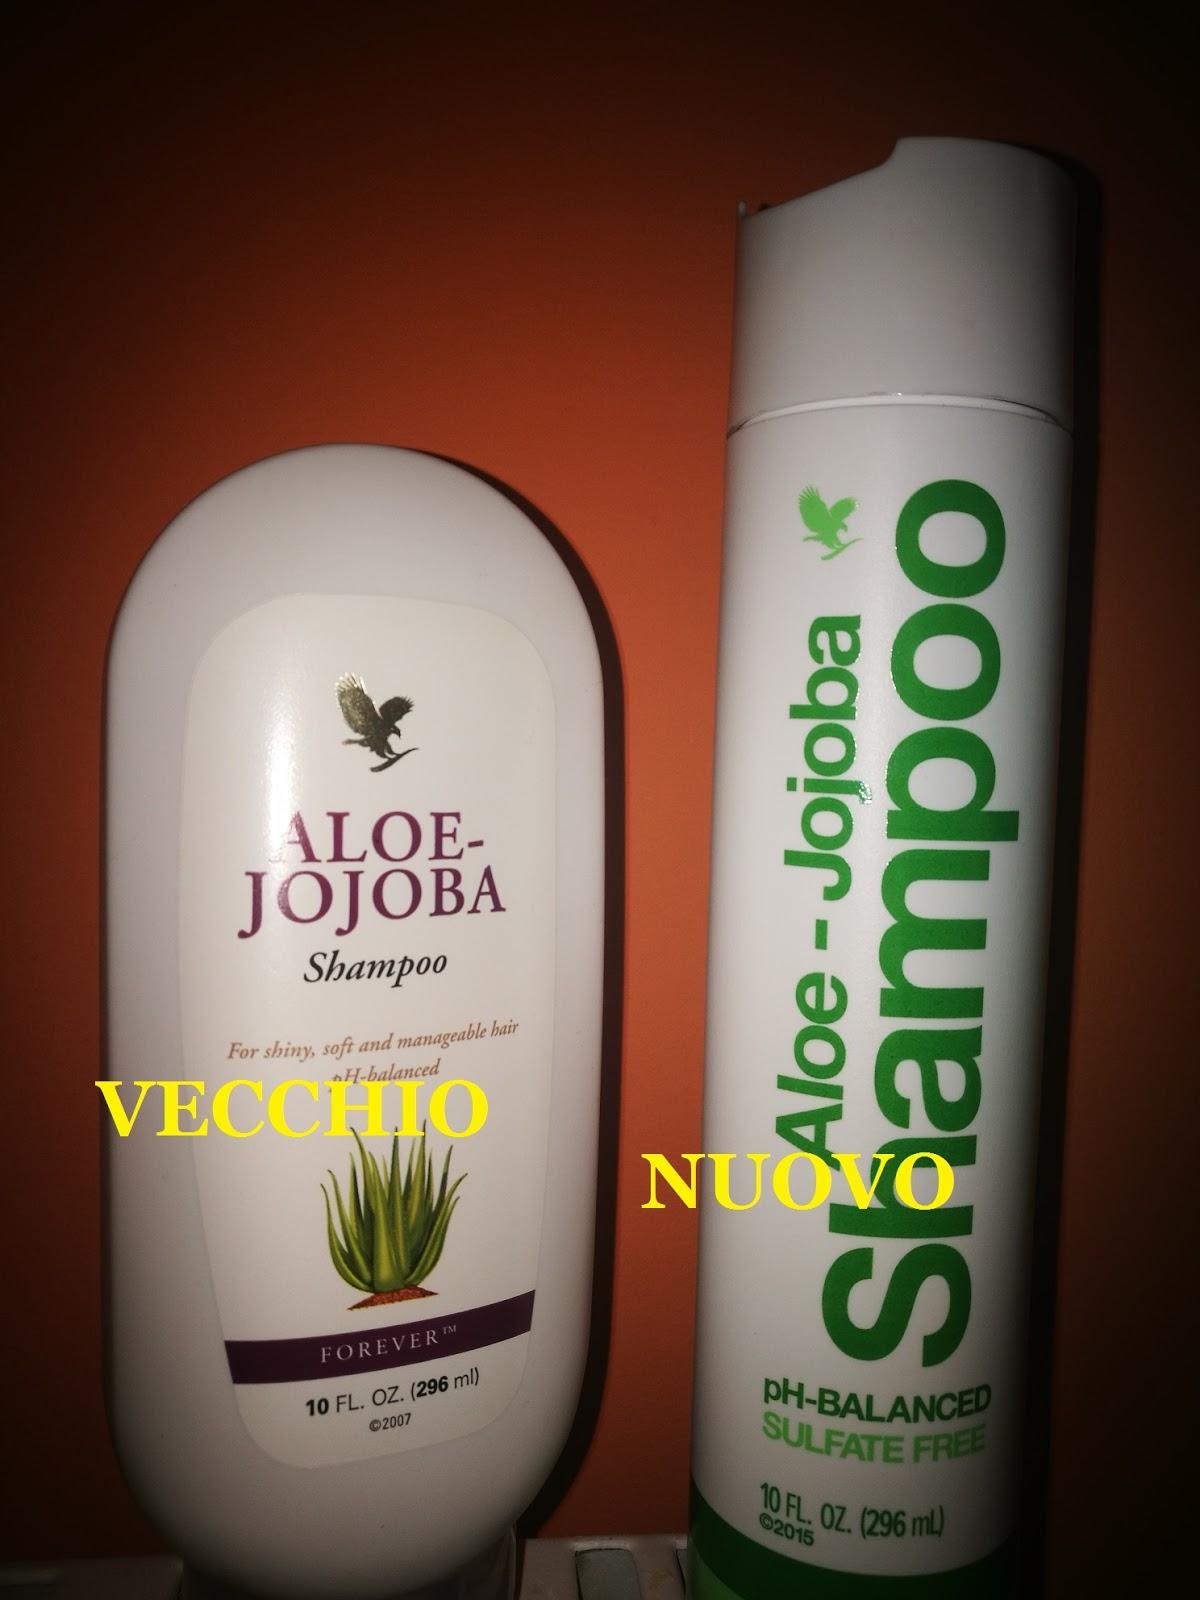 L Aloe Vera svolge una straordinaria azione sia sui capelli sia sul cuoio  capelluto per diversi motivi  nutre i capelli e idrata il cuoio capelluto. 76e0521d5839